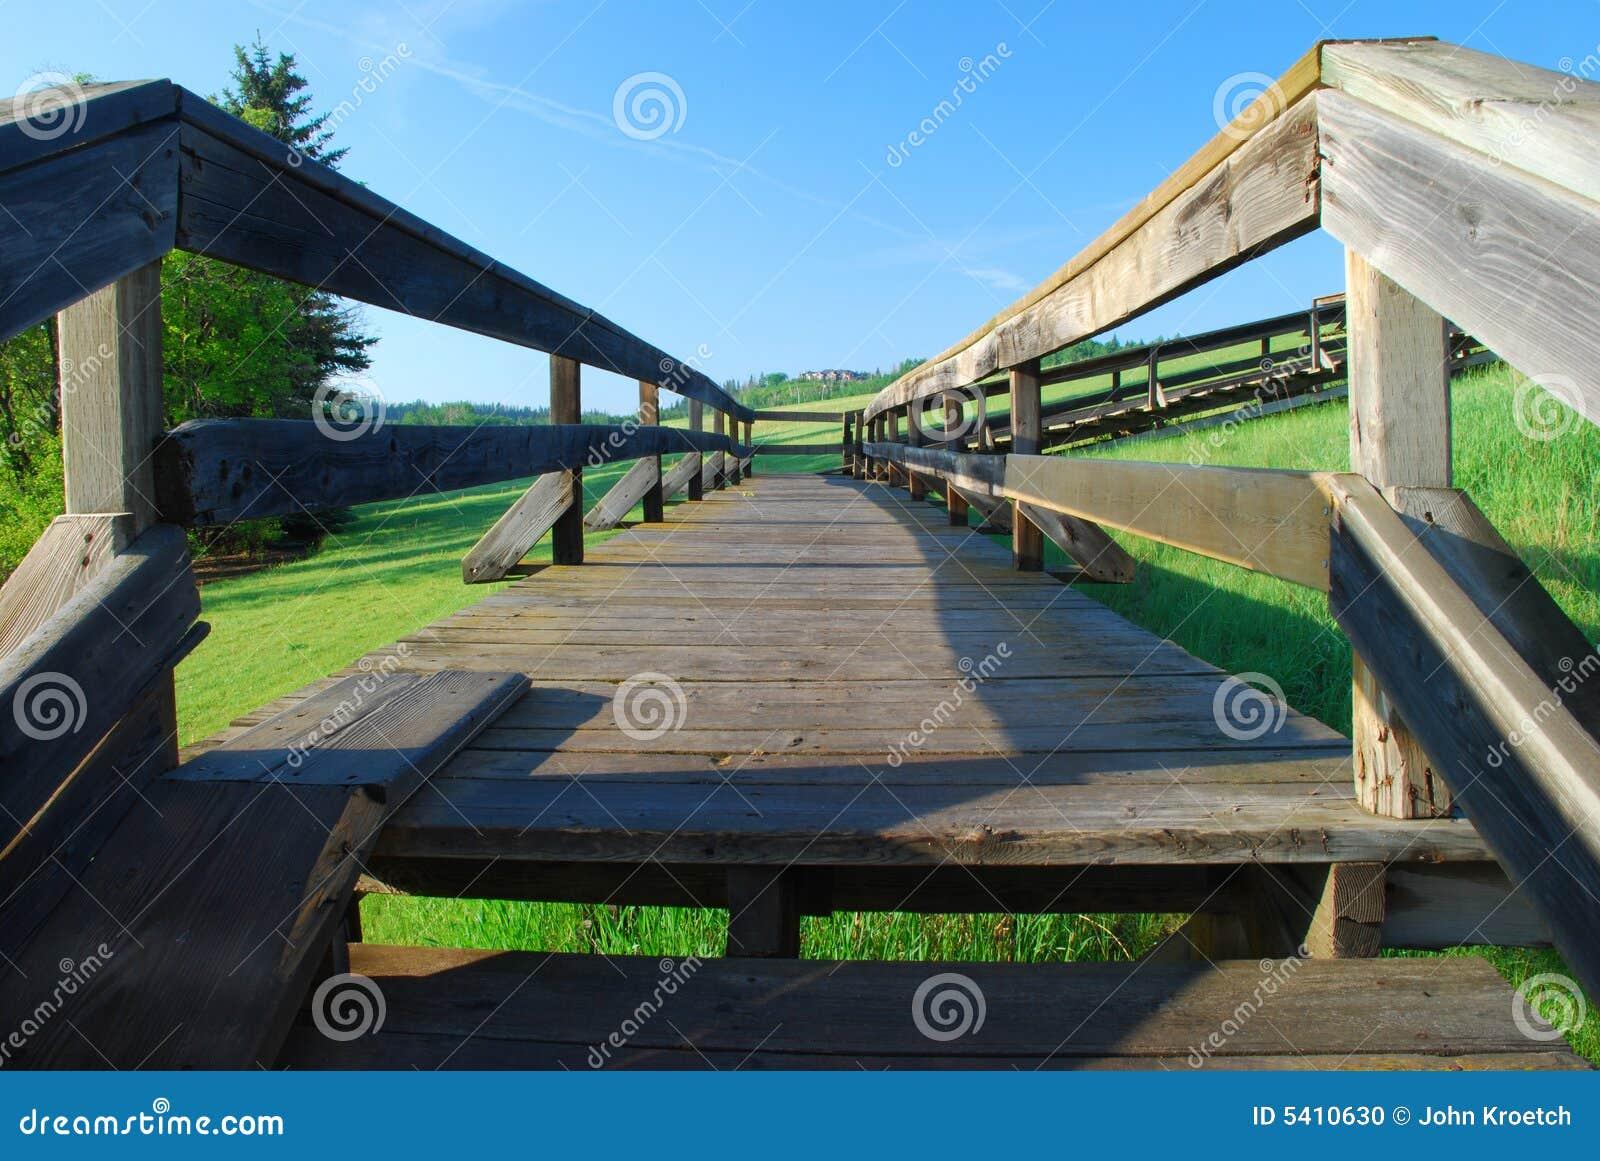 Perspectiva de madera al aire libre de las escaleras foto for Escalera de madera al aire libre precio